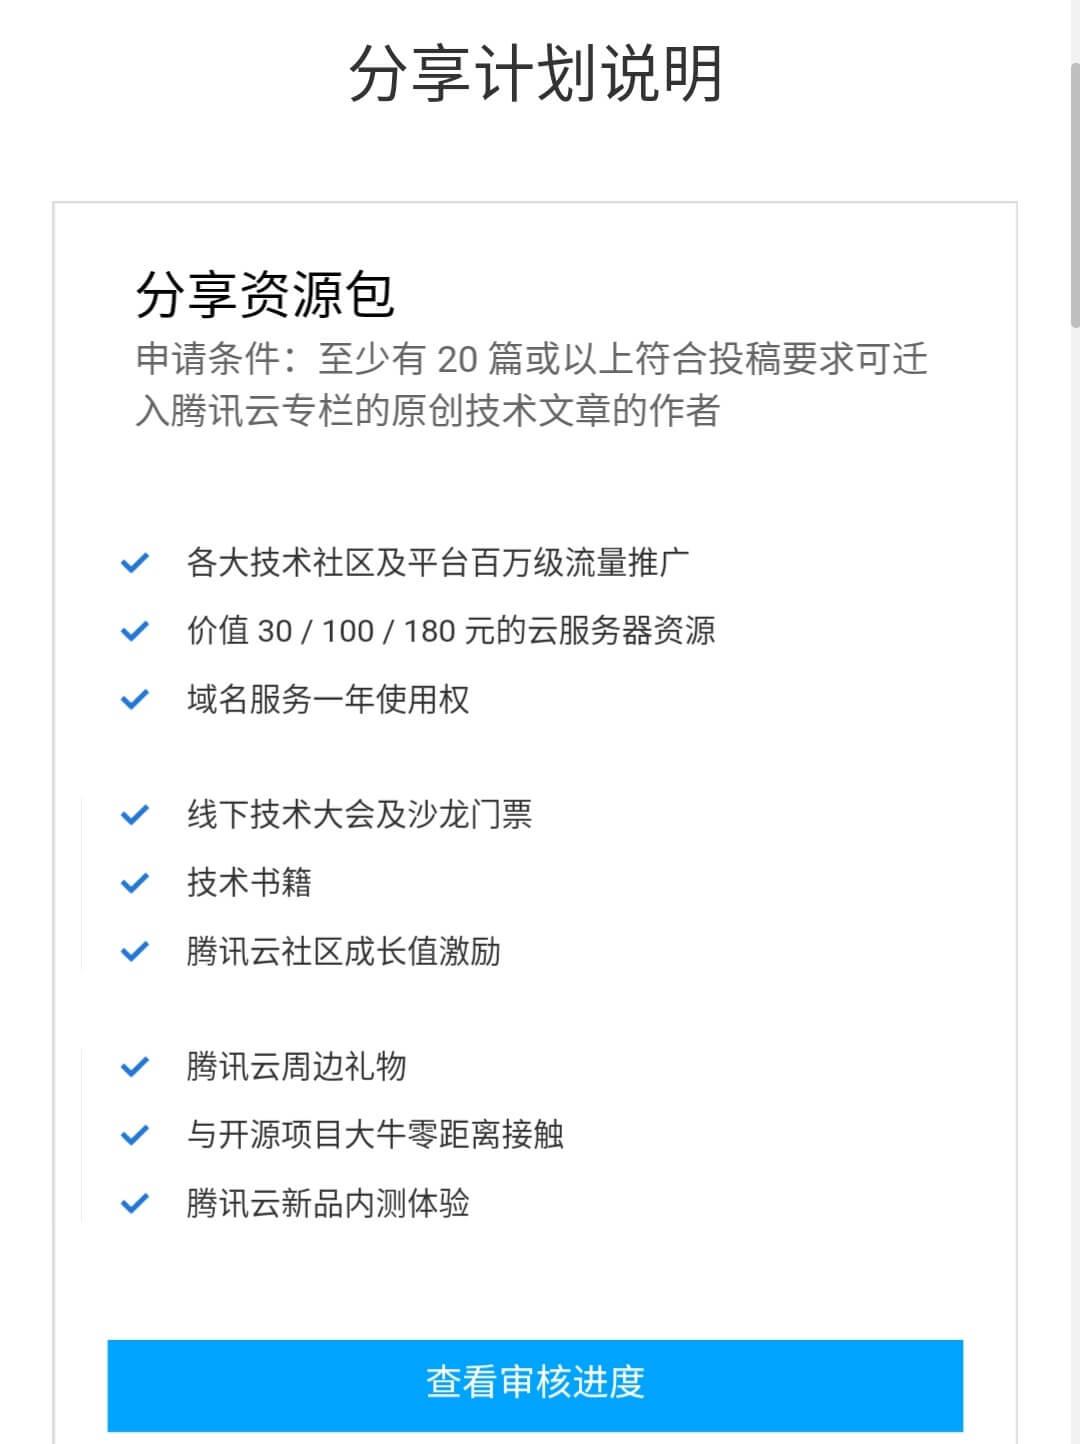 腾讯云自媒体分享计划